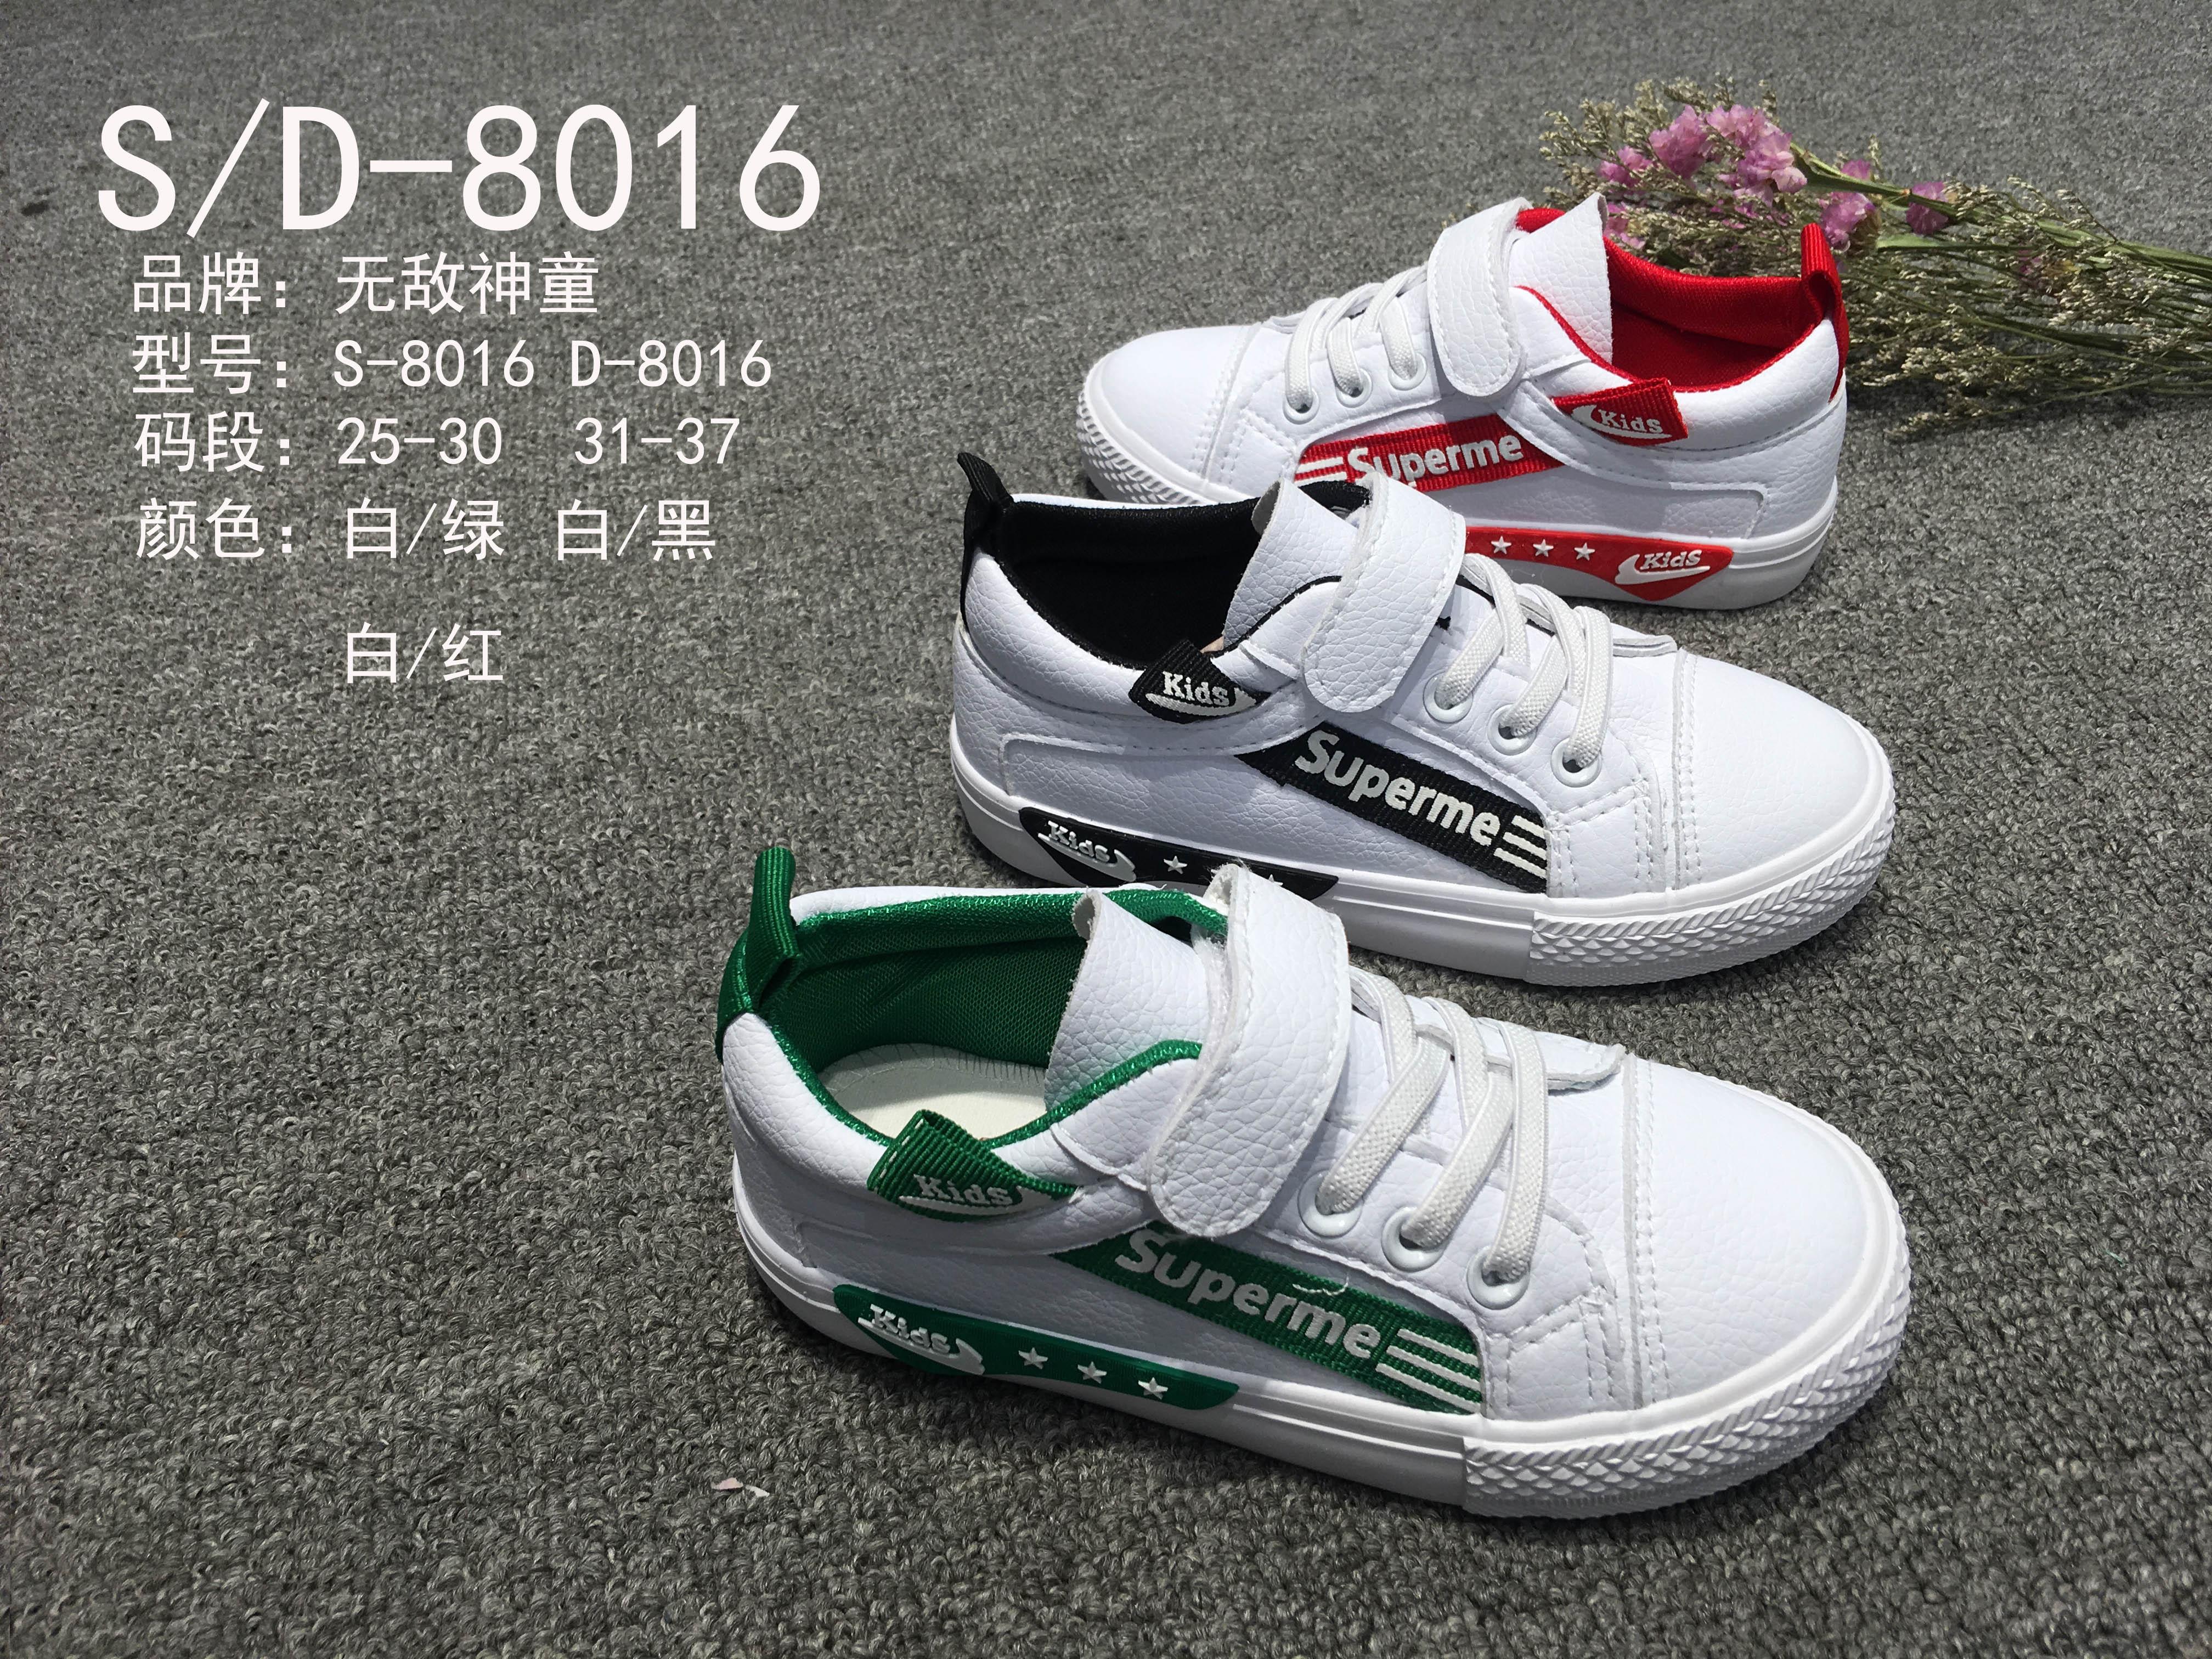 S-D-8016